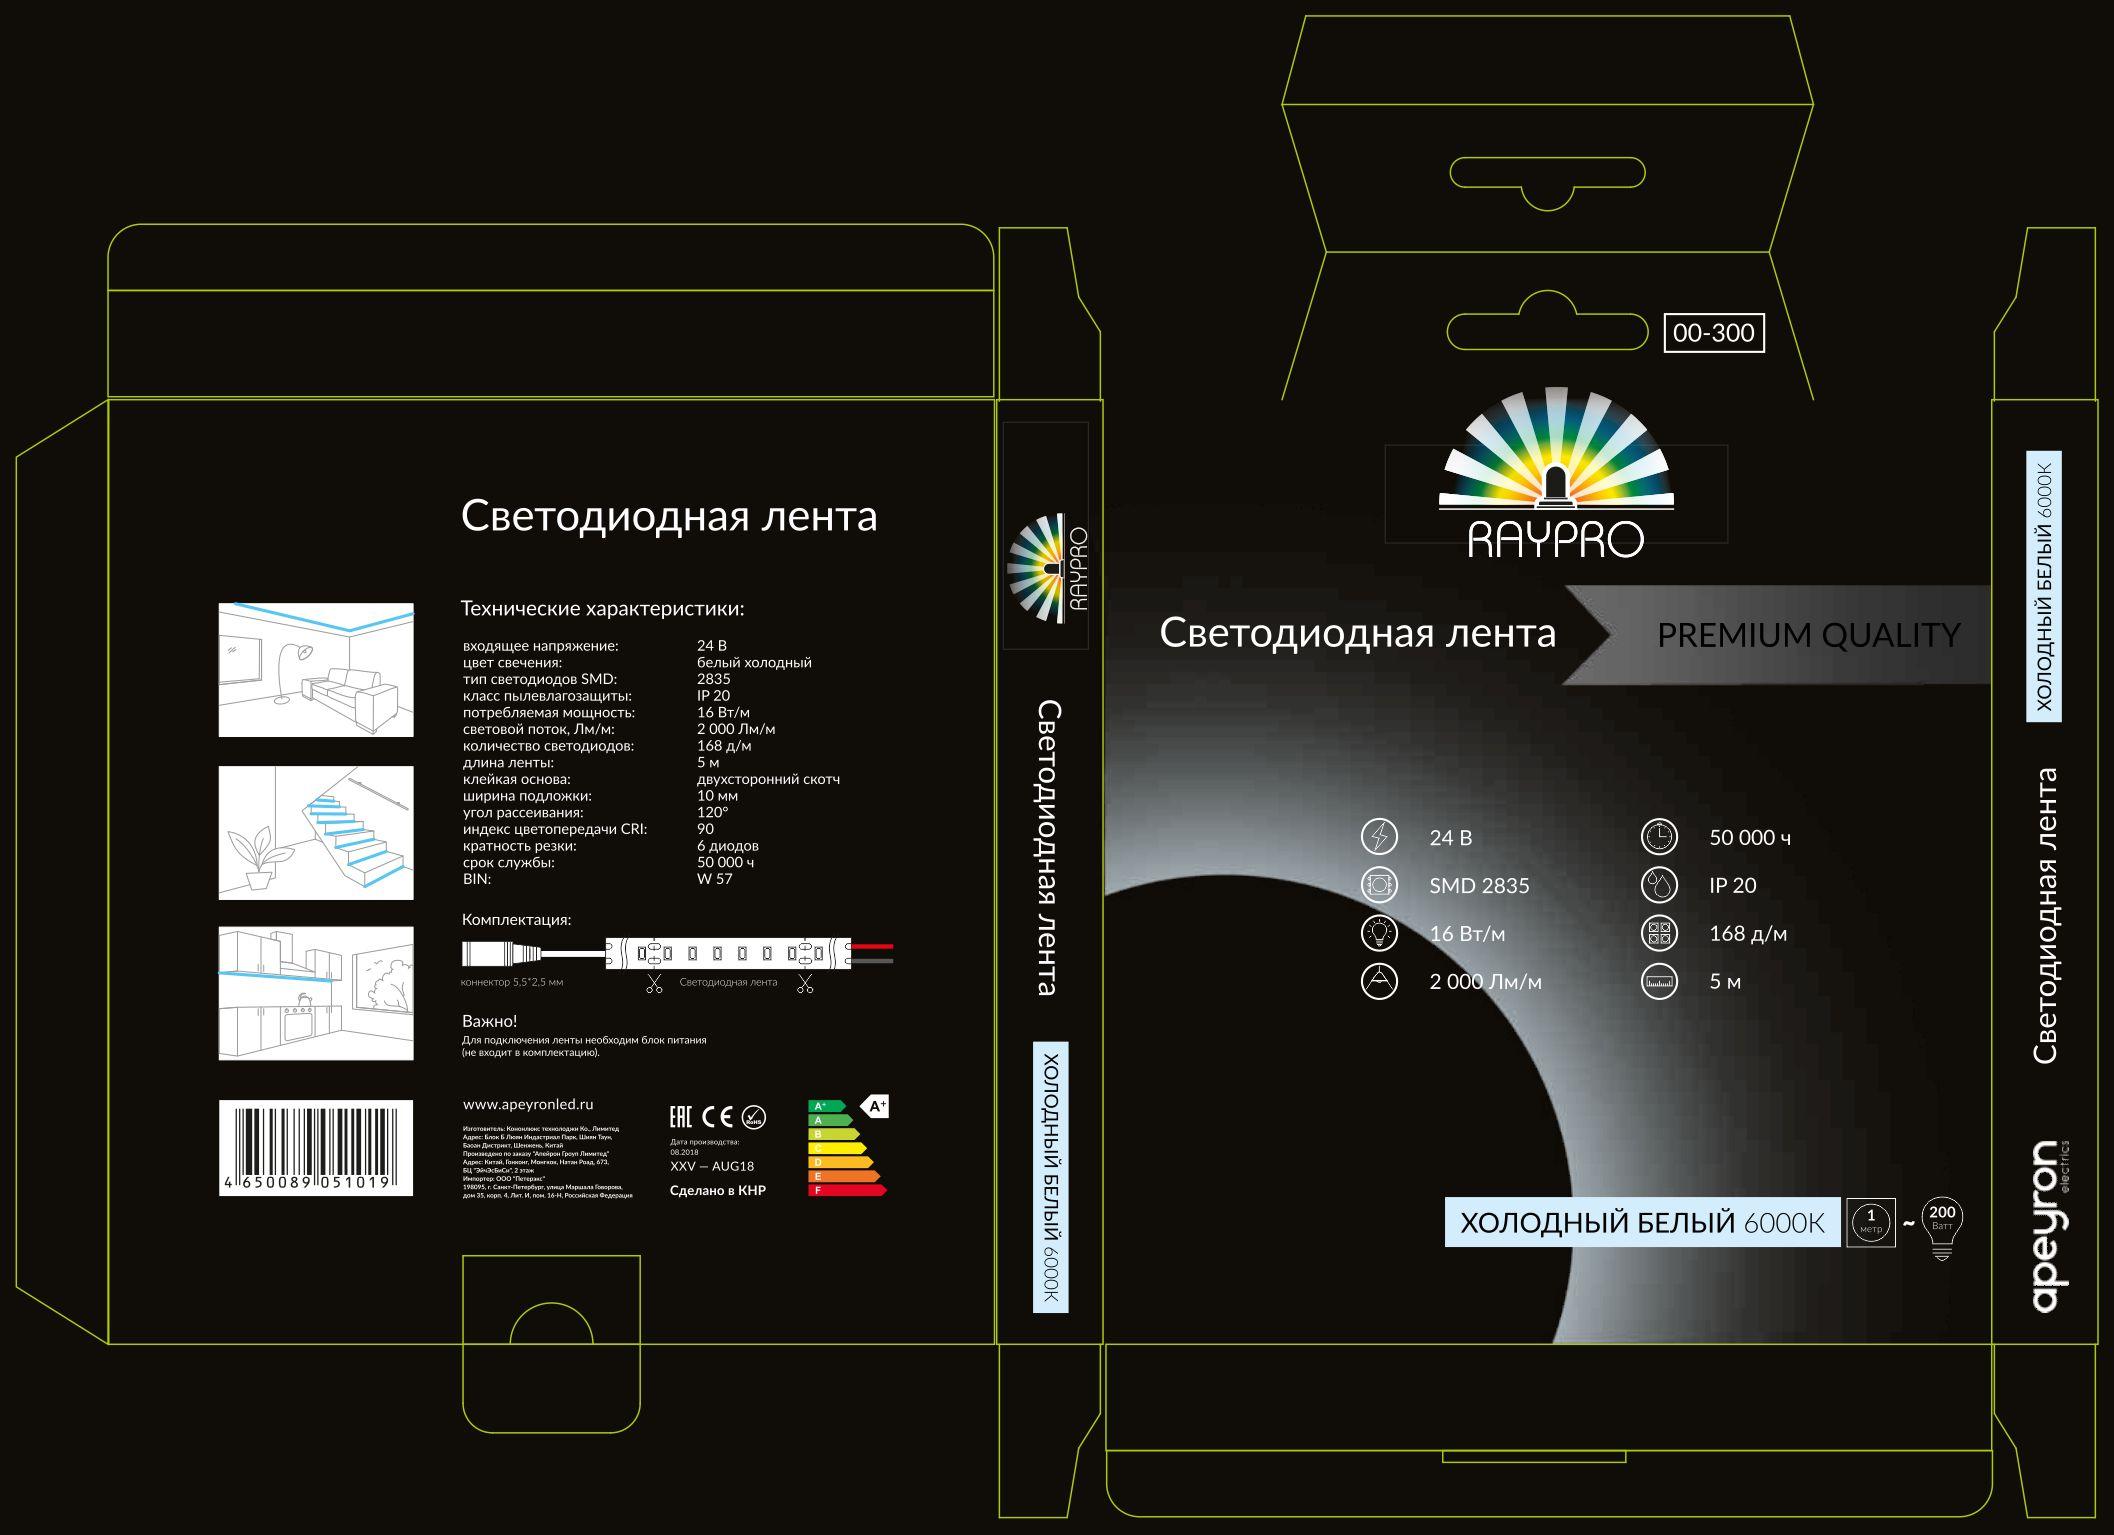 Разработка логотипа (продукт - светодиодная лента) фото f_0675bc3a769b62b2.jpg